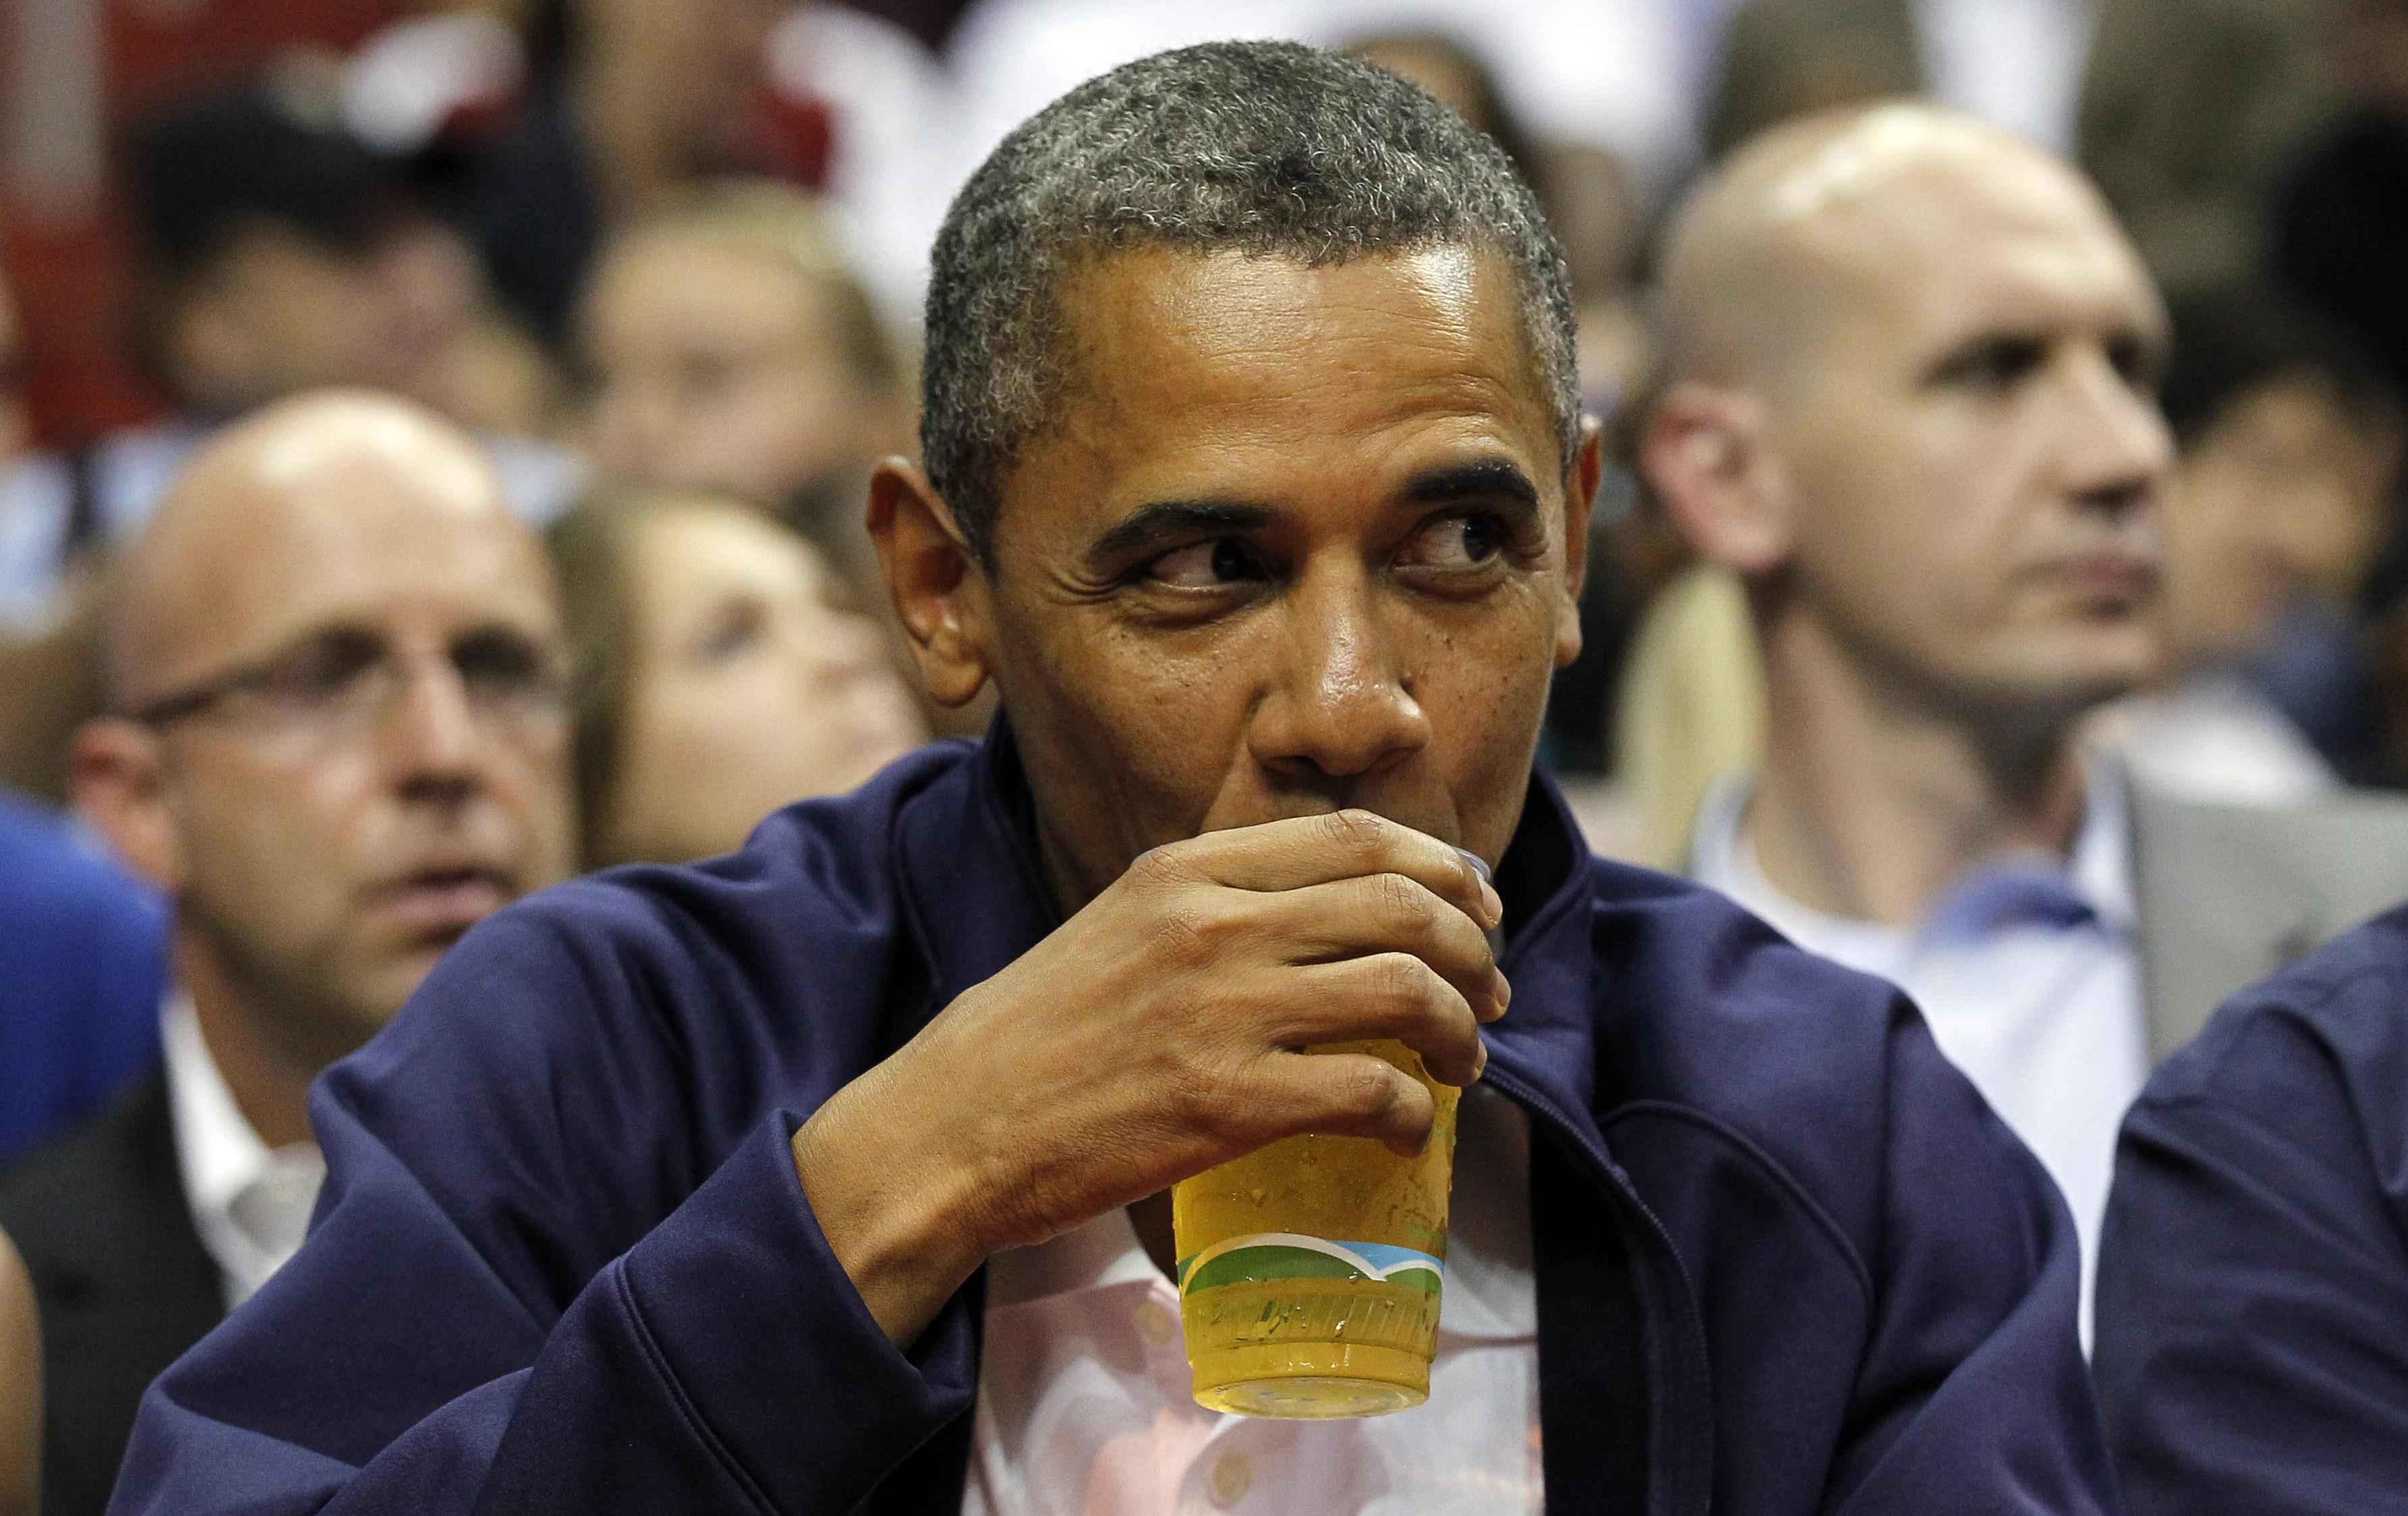 La bière fait parler d'elle sur les réseaux sociaux